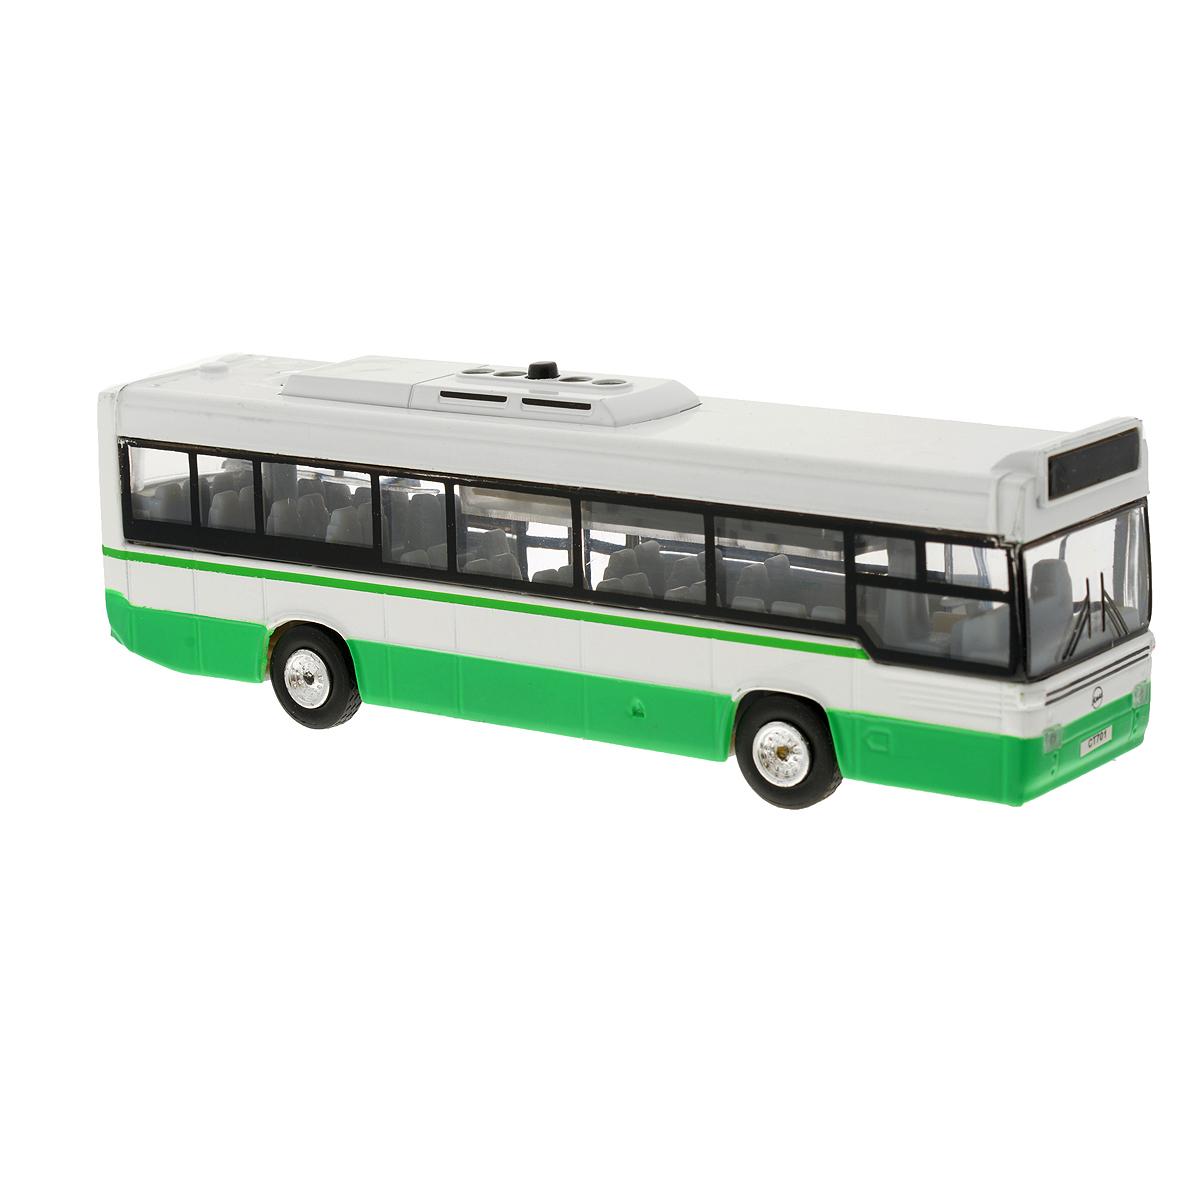 Игрушка инерционная ТехноПарк Автобус. CT-1055 (SL701WB)CT-1055 (SL701WB)Инерционная игрушка ТехноПарк Автобус, выполненная из пластика и металла, станет любимой игрушкой вашего малыша. Игрушка представляет собой модель городского рейсового автобуса. Дверцы автобуса открываются. При нажатии кнопки на крыше замигает табло и раздадутся звук работающего двигателя и голос водителя. Игрушка оснащена инерционным ходом. Автобус необходимо отвести назад, затем отпустить - и он быстро поедет вперед. Прорезиненные колеса обеспечивают надежное сцепление с любой гладкой поверхностью. Ваш ребенок будет часами играть с этой игрушкой, придумывая различные истории. Порадуйте его таким замечательным подарком! Автобус работает от батареек (товар комплектуется демонстрационными).